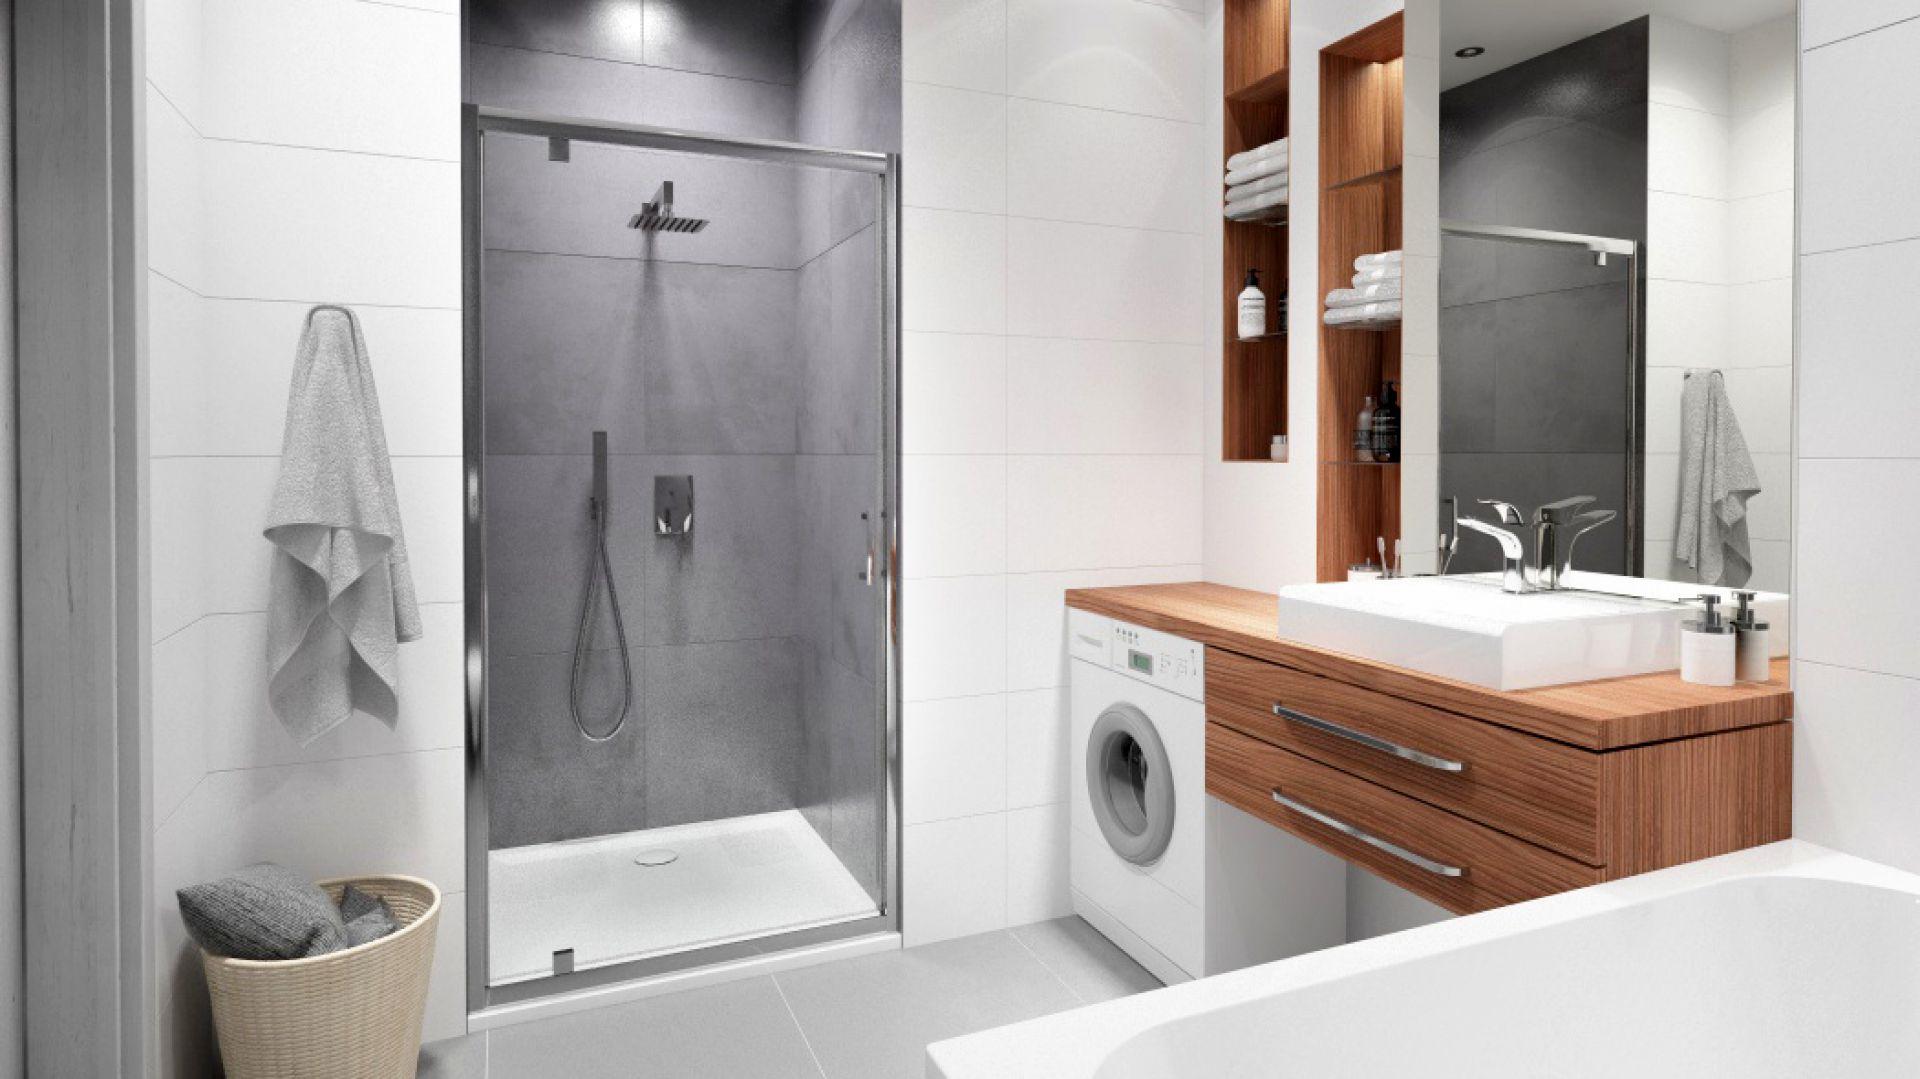 Mała łazienka W Bloku Pomysł Na Urządzenie